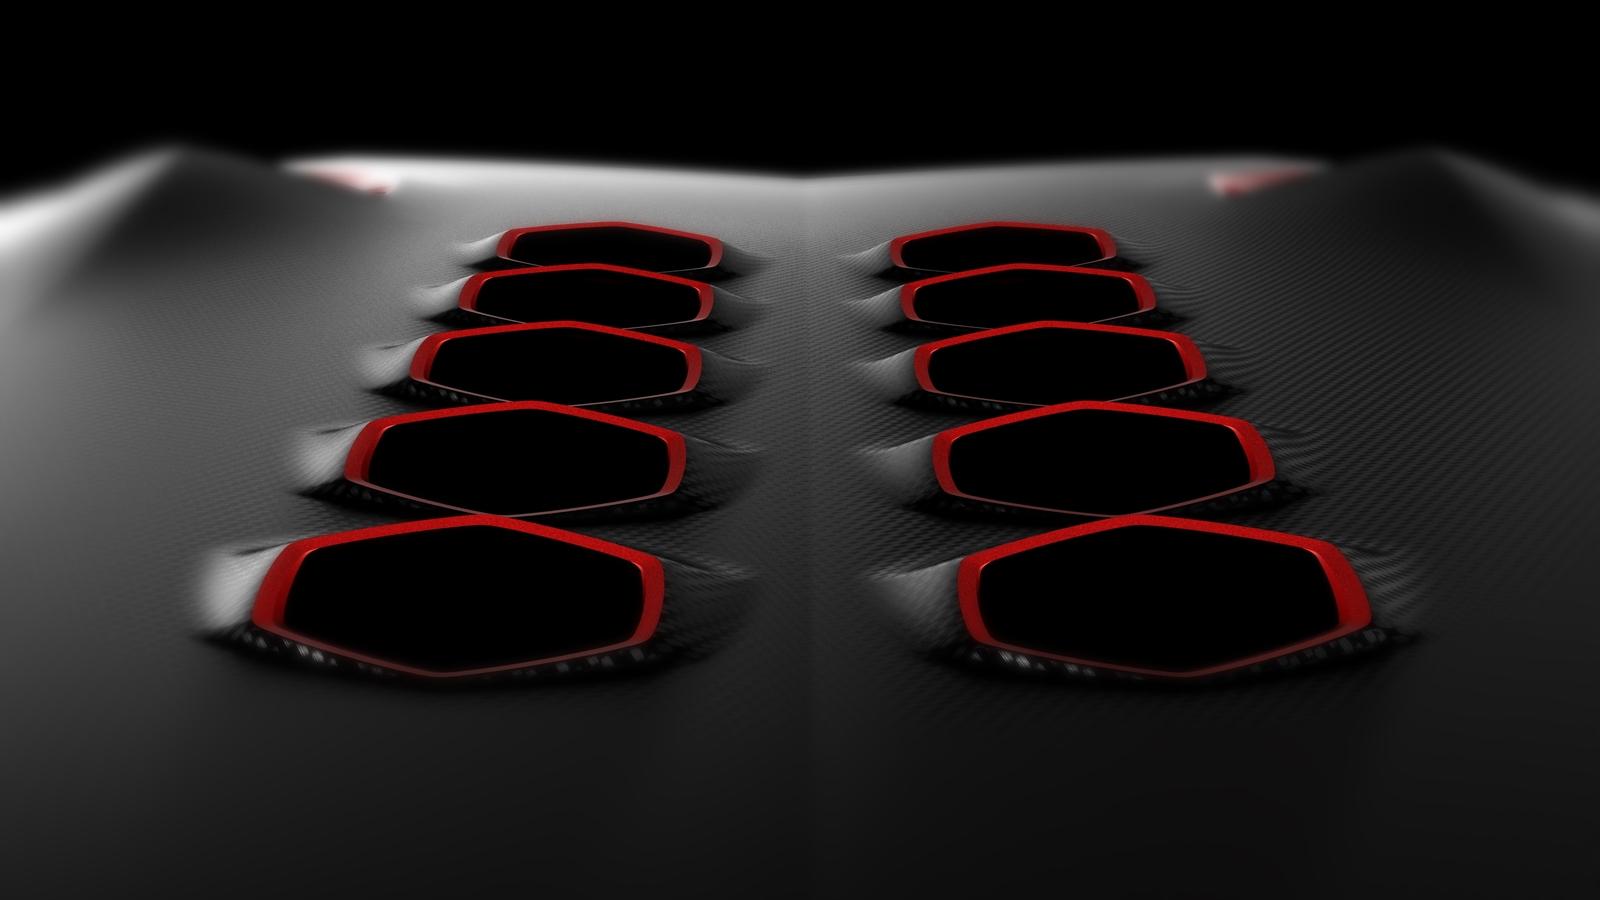 2010 Paris Auto Show Lamborghini Concept second teaser